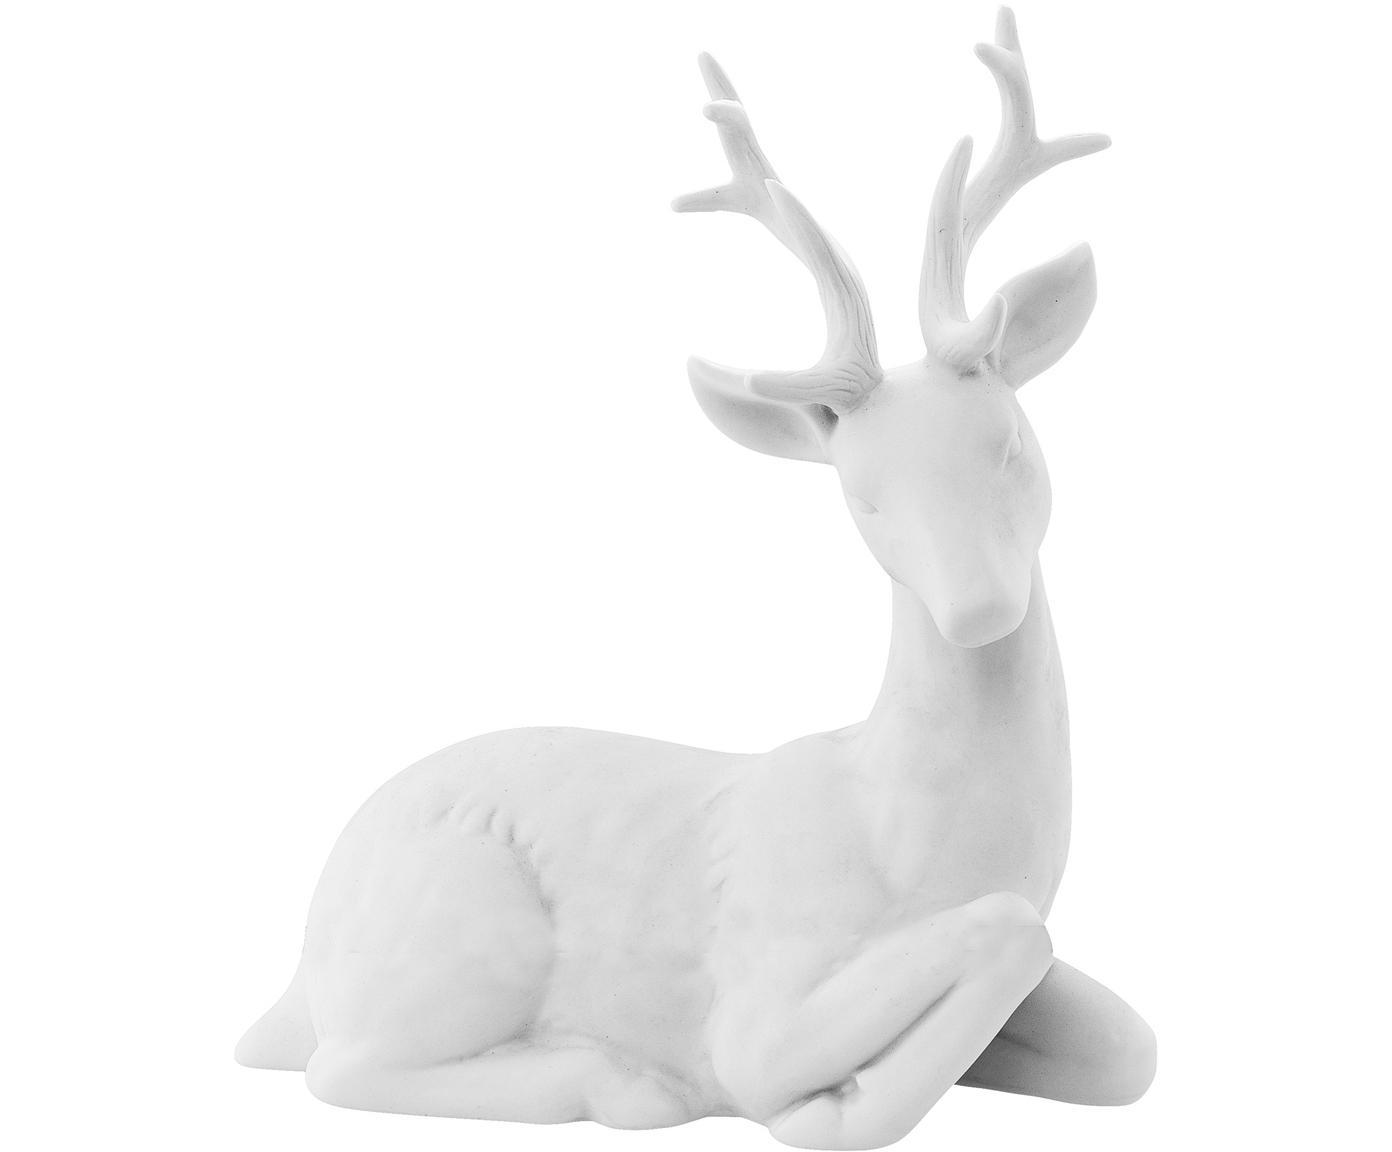 Deko-Objekt Reindeer, Porzellan, Weiss, 19 x 22 cm